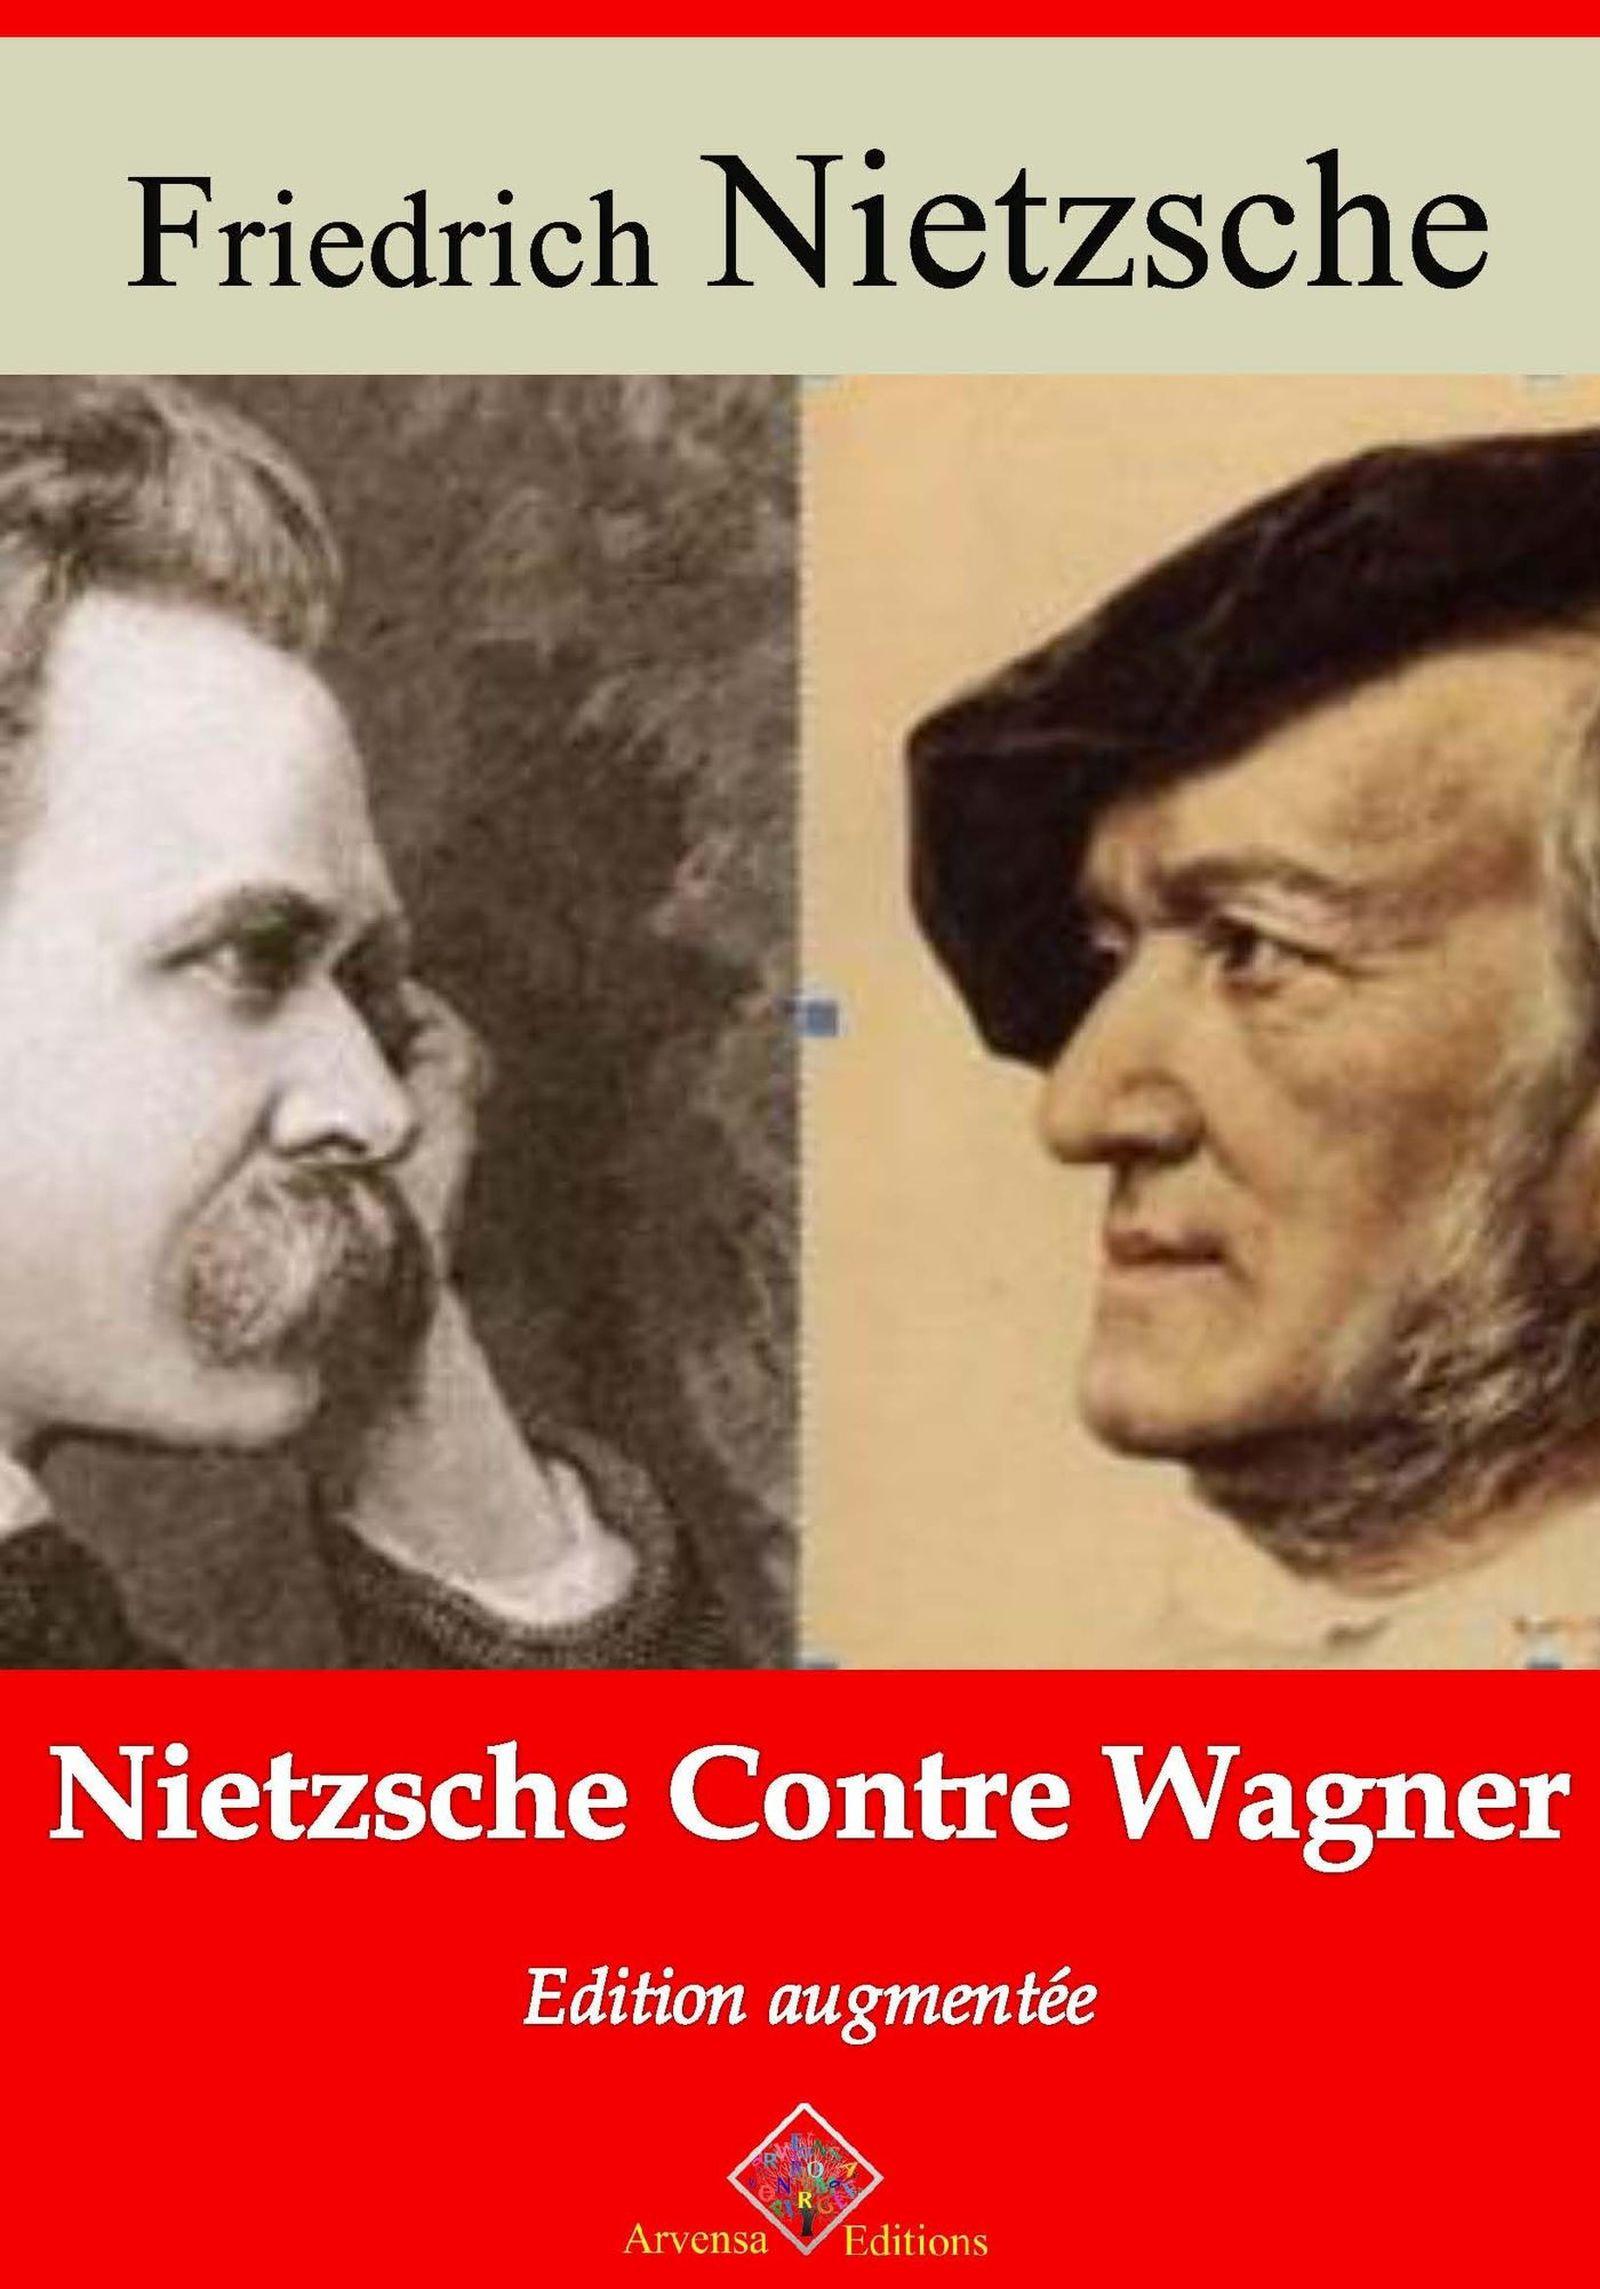 Nietzche contre Wagner - suivi d'annexes